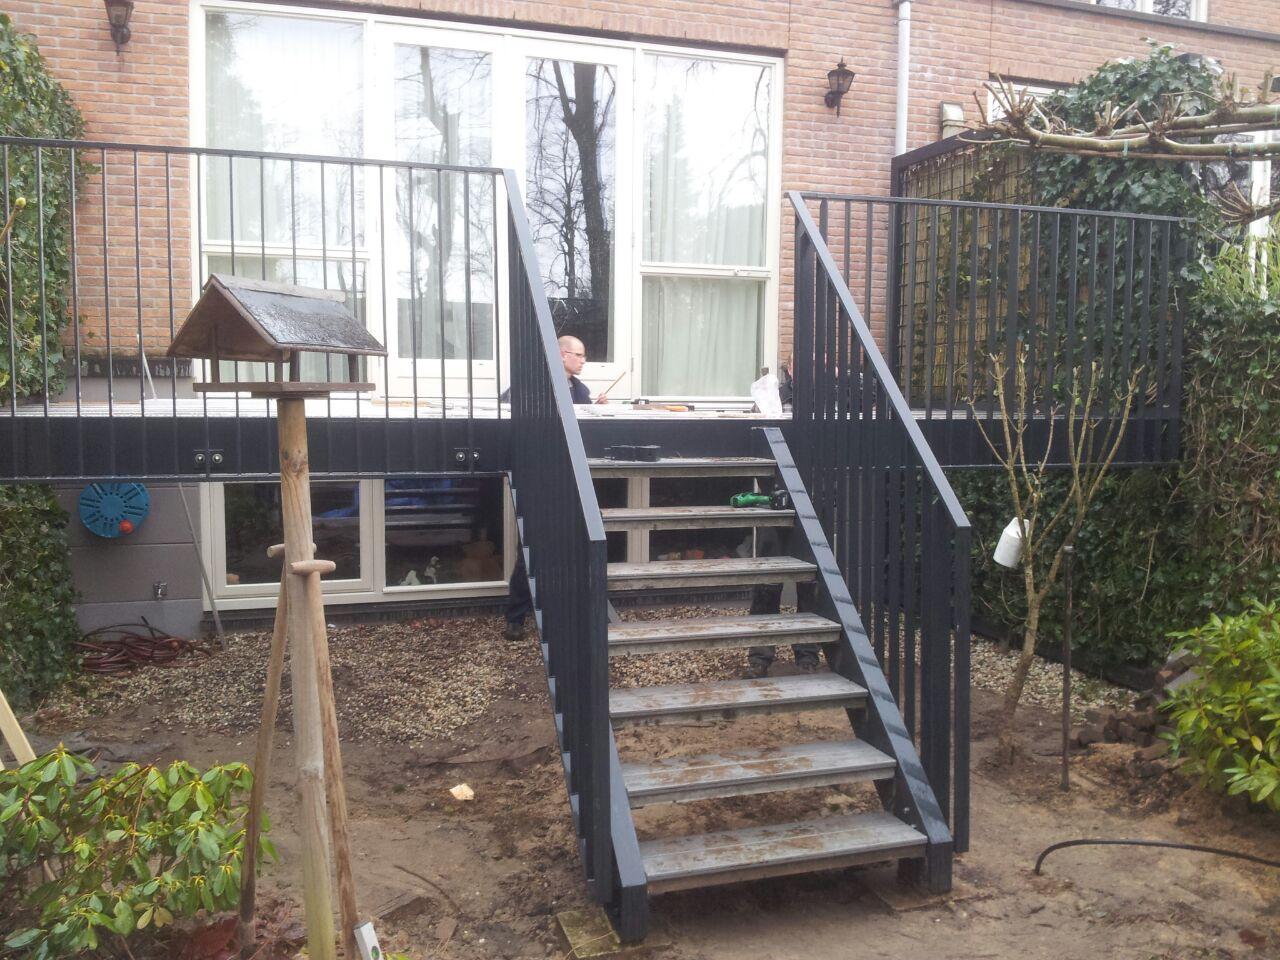 Hekwerk Tuin Metaal : Geplaatst werk een tuin bordes met hekwerk en trap a hilhorst